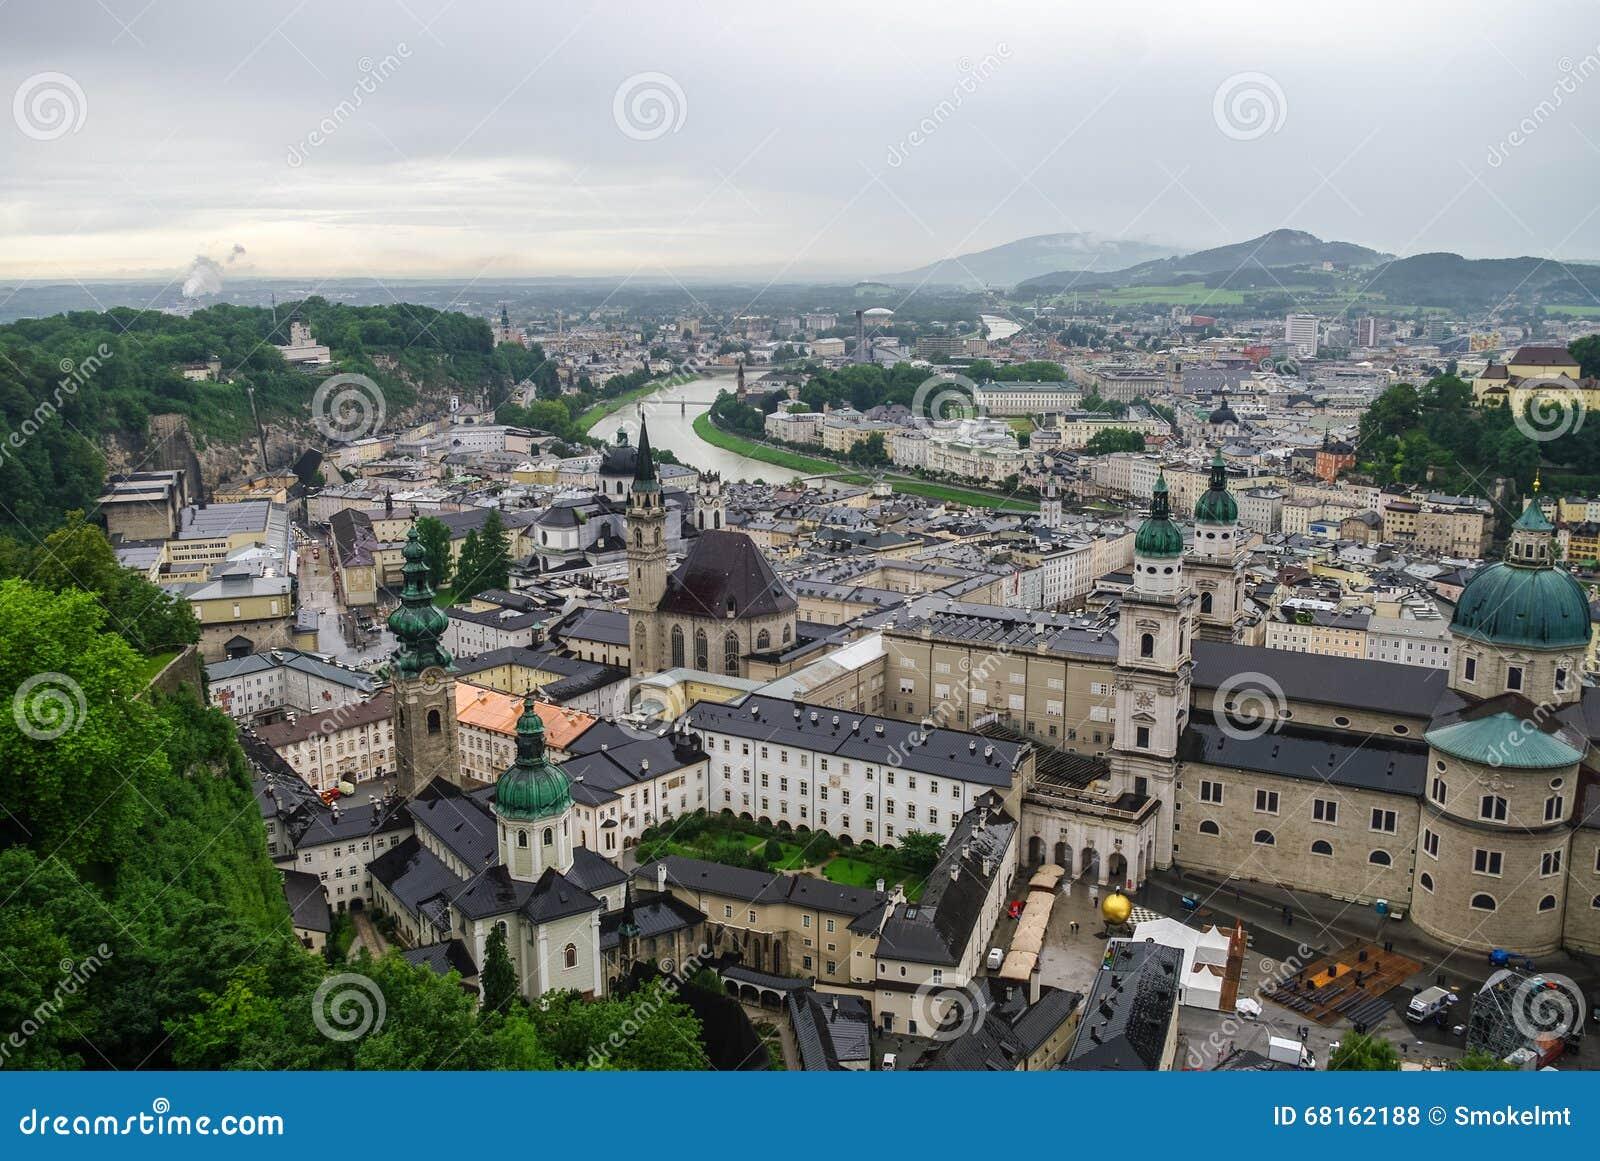 Εναέρια άποψη της ιστορικής πόλης του Σάλτζμπουργκ στην ομίχλη και το νεφελώδες W